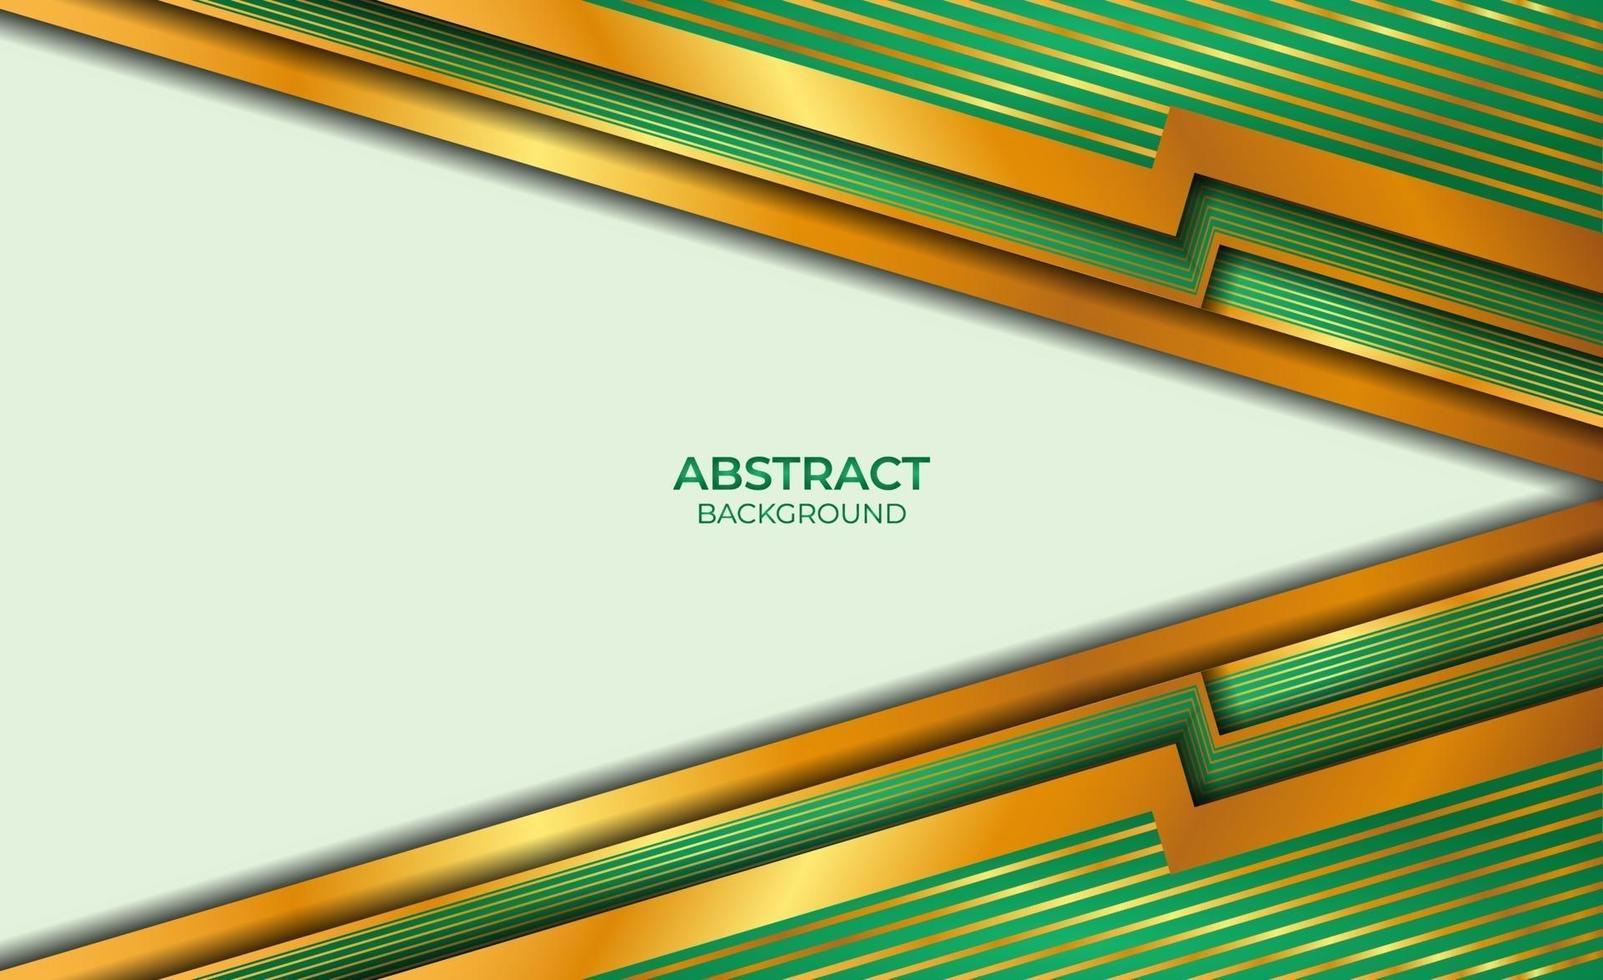 abstracte stijlachtergrond goud en groen vector